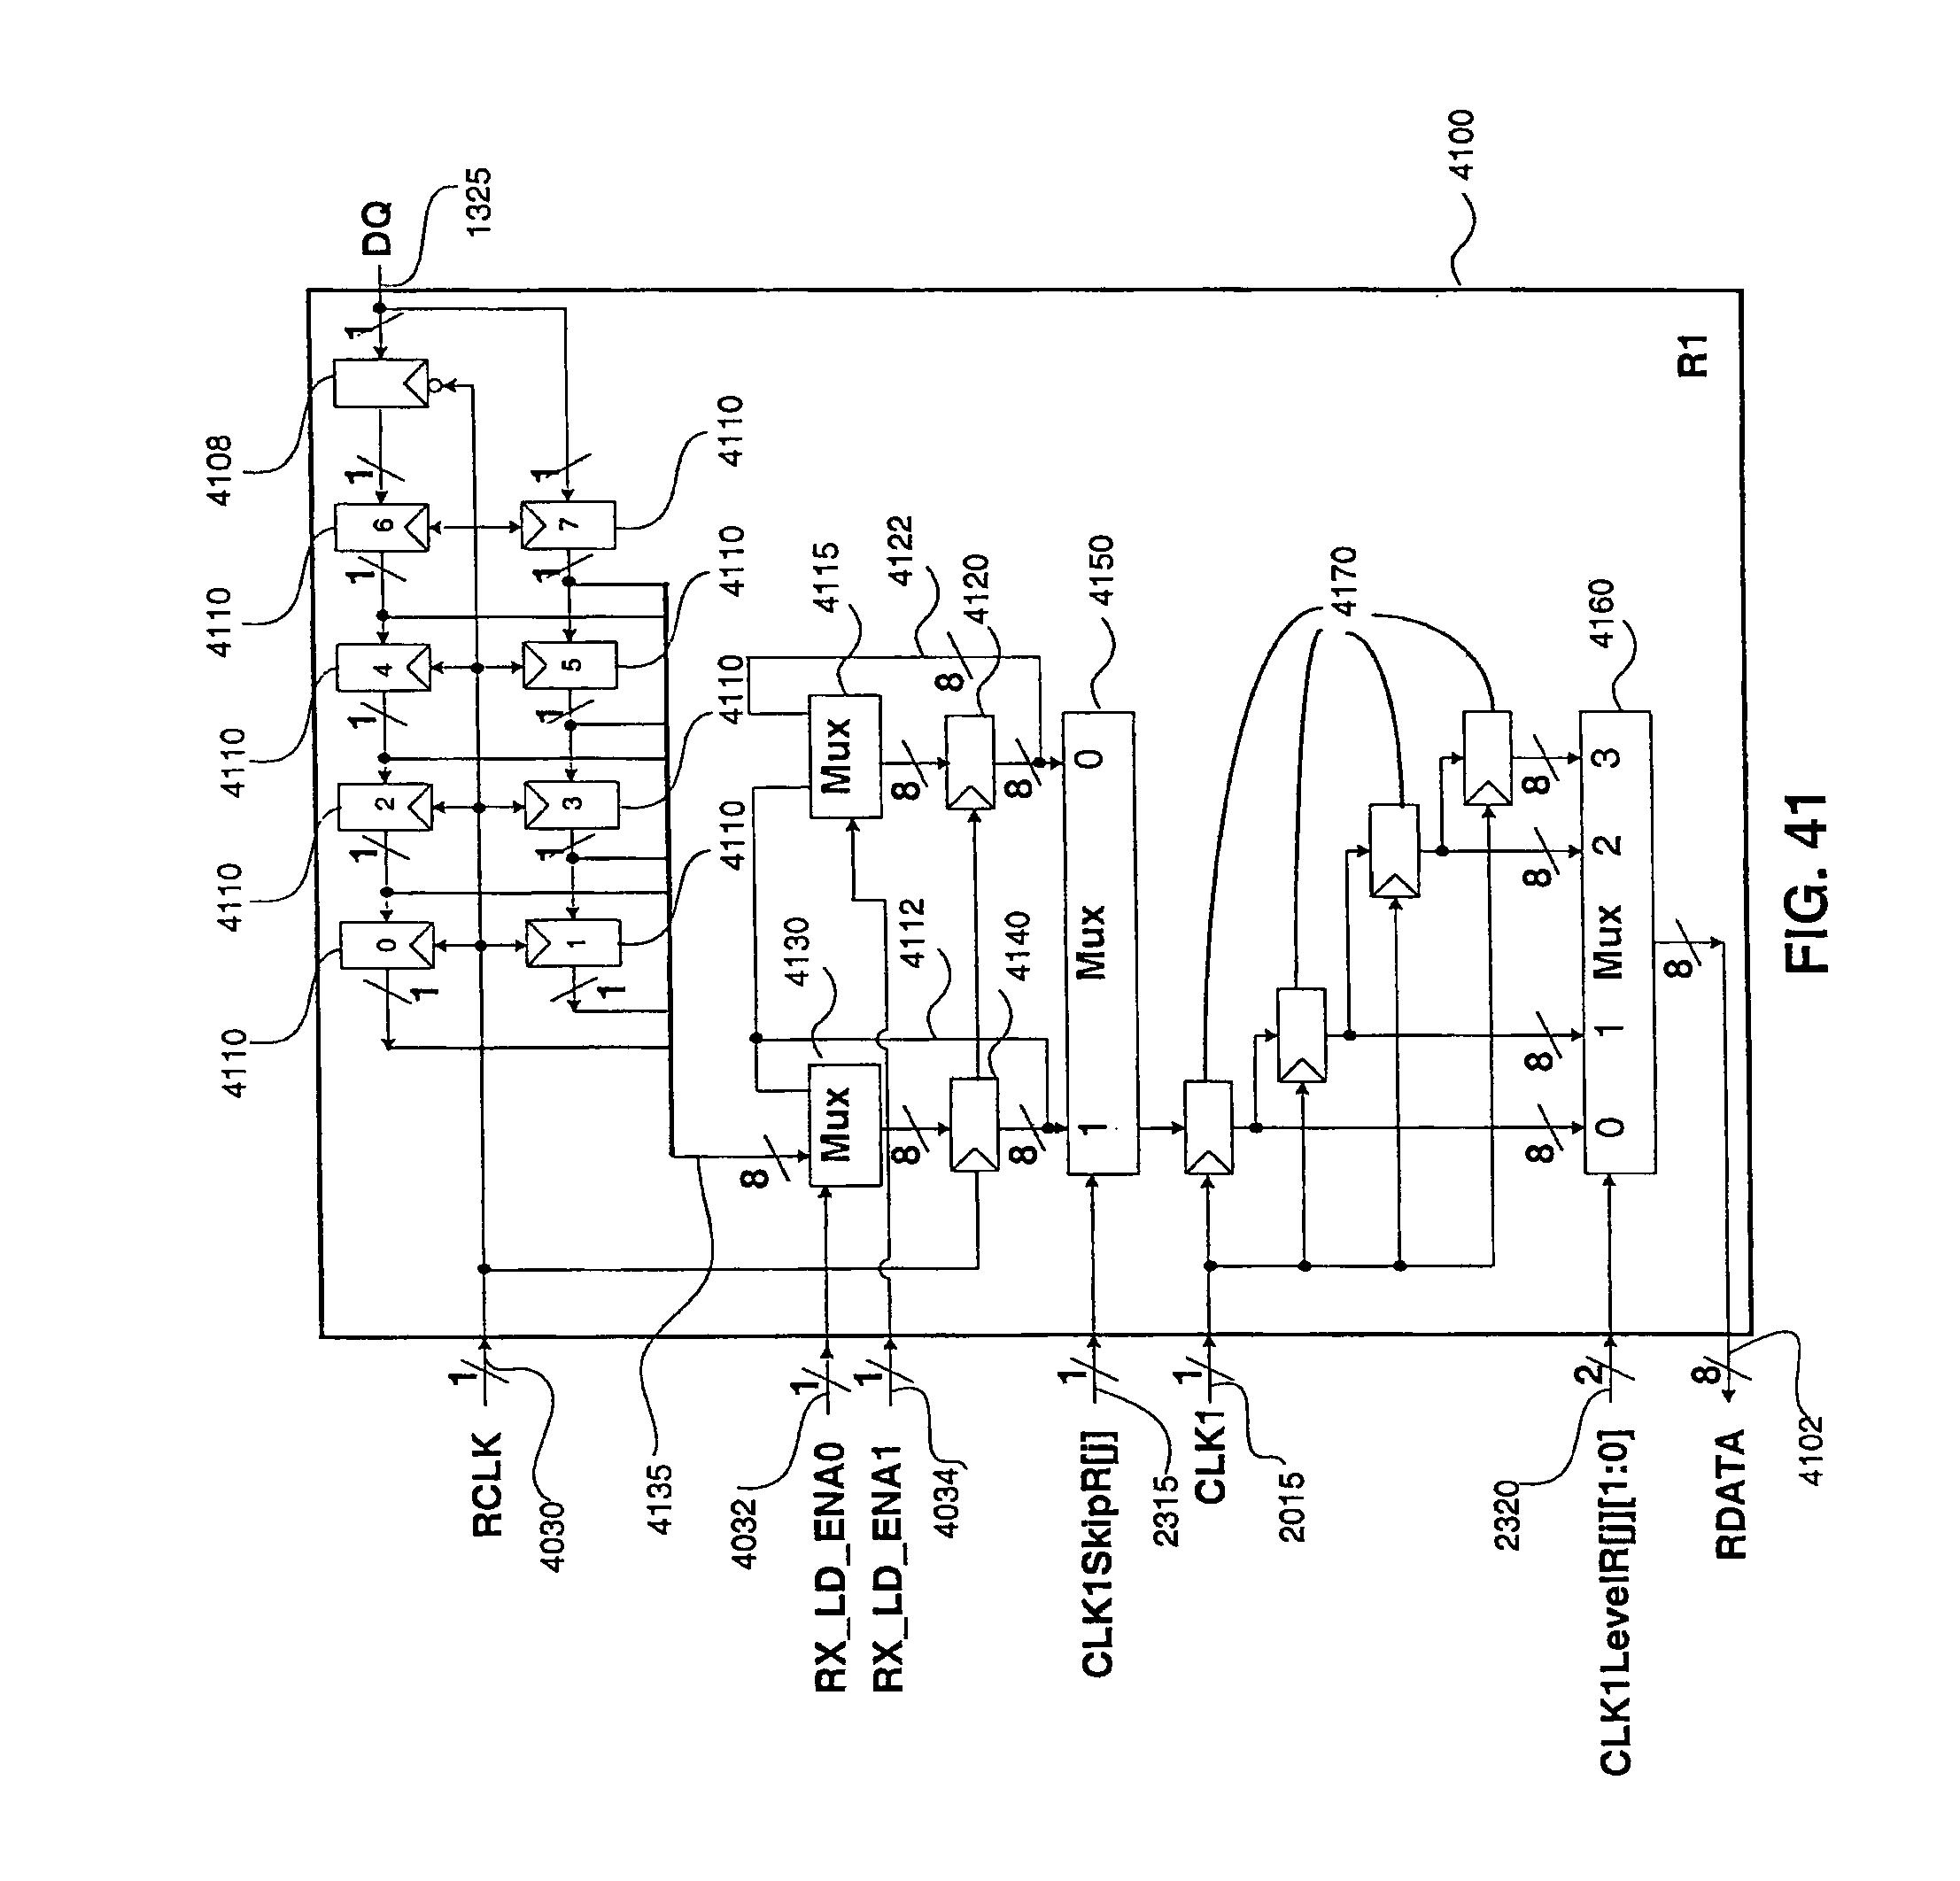 patent us8542787